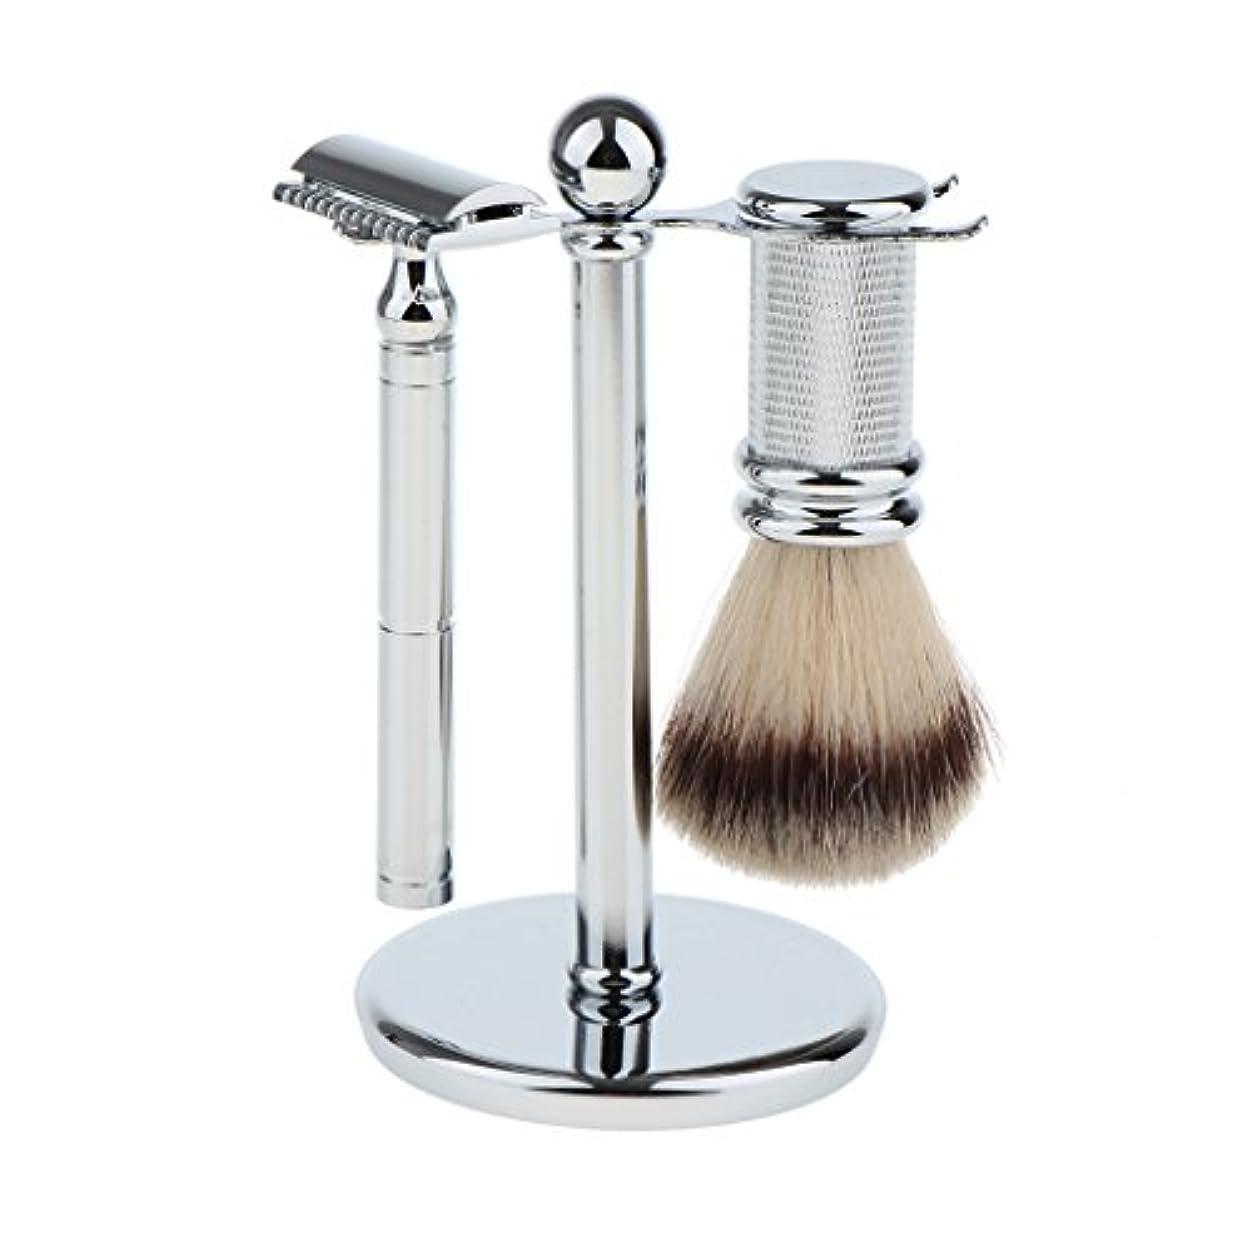 結果なのでたっぷりKesoto スタンド ブラシ マニュアルシェーバー 3本セット 男性用 シェービング ブラシスタンド マニュアル ダブルエッジ 安全剃刀